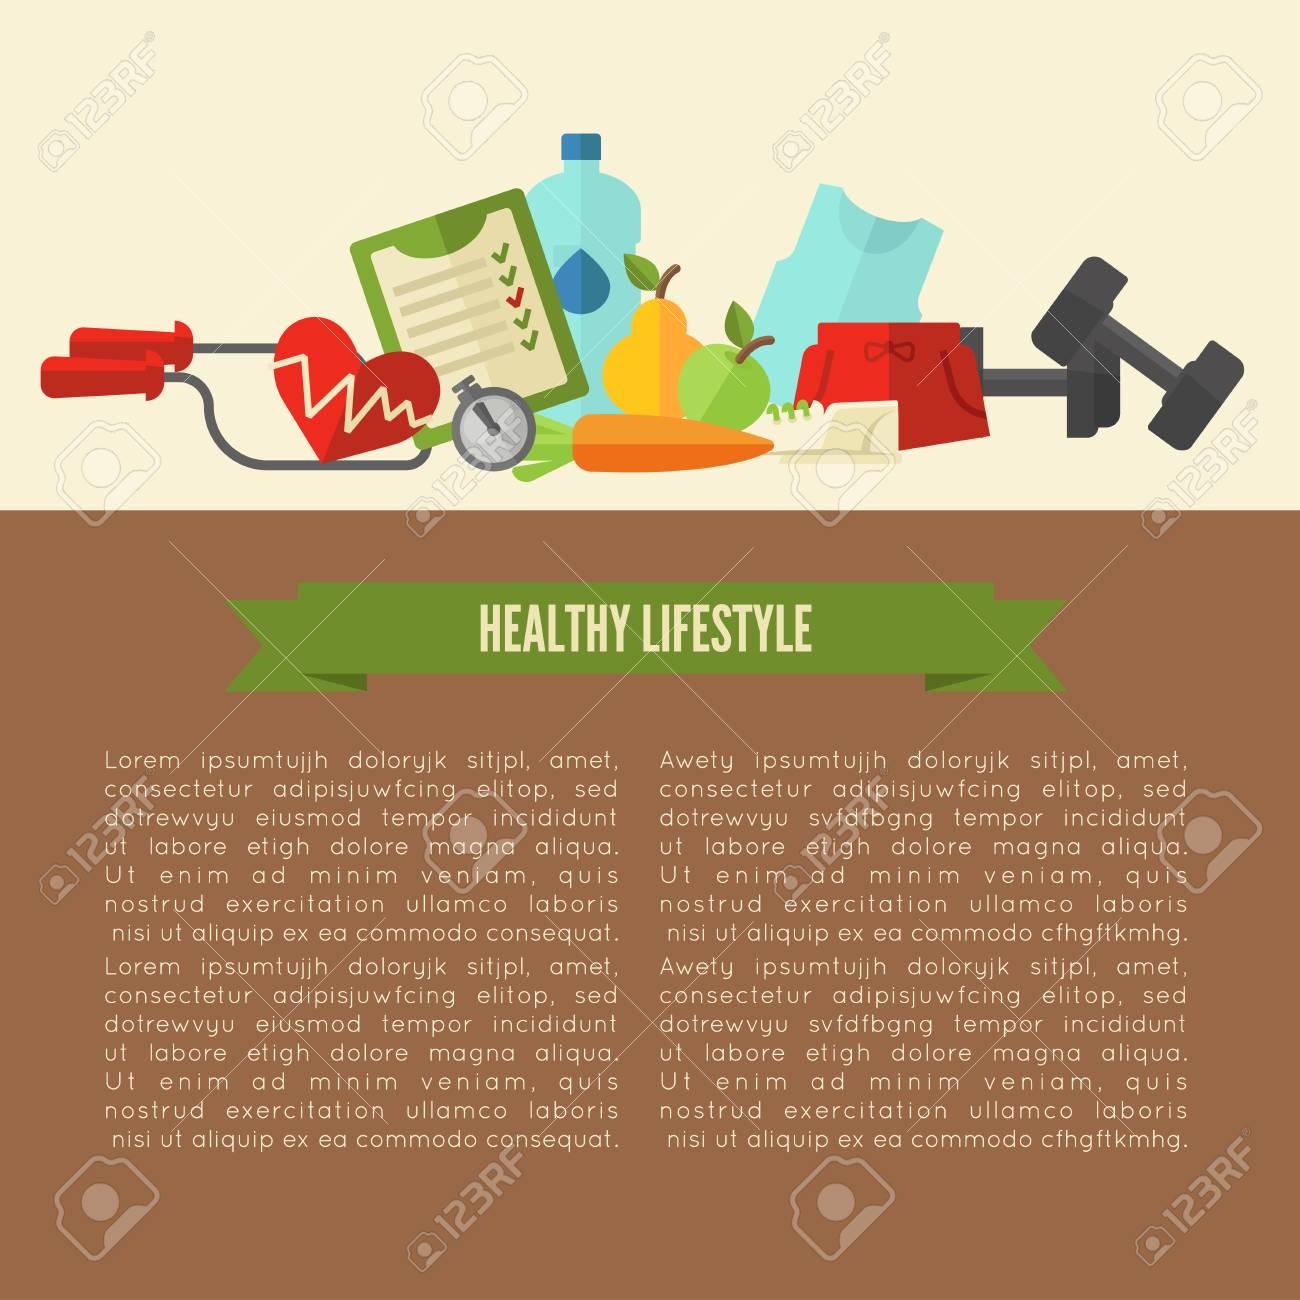 Diseño De Plantilla De Estilo De Vida Saludable. Concepto De ...